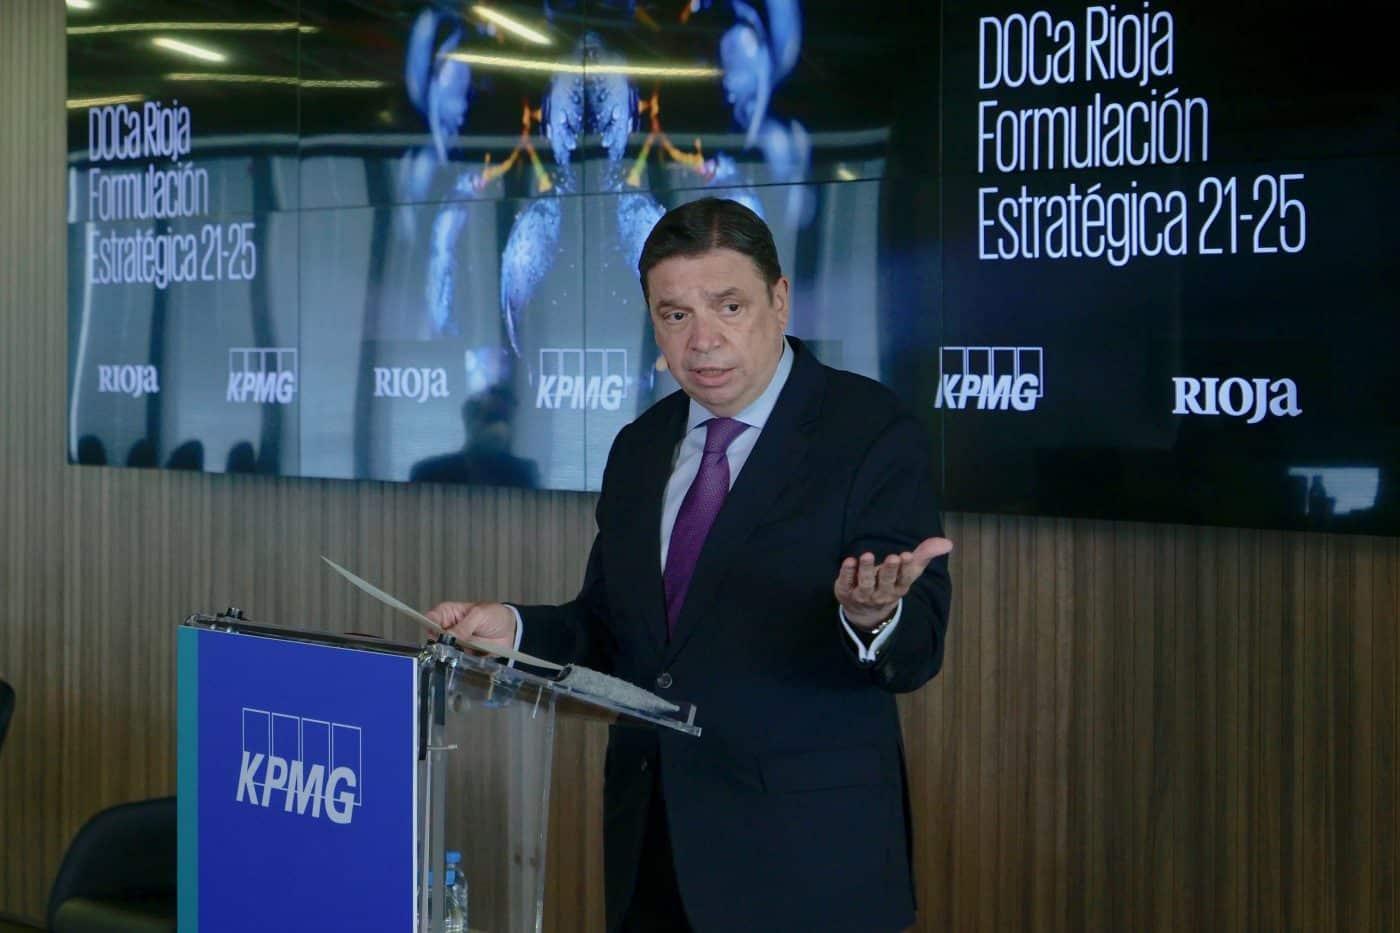 """Planas dice que la DOCa Rioja es """"un referente"""" a la hora de afrontar los retos de futuro 1"""